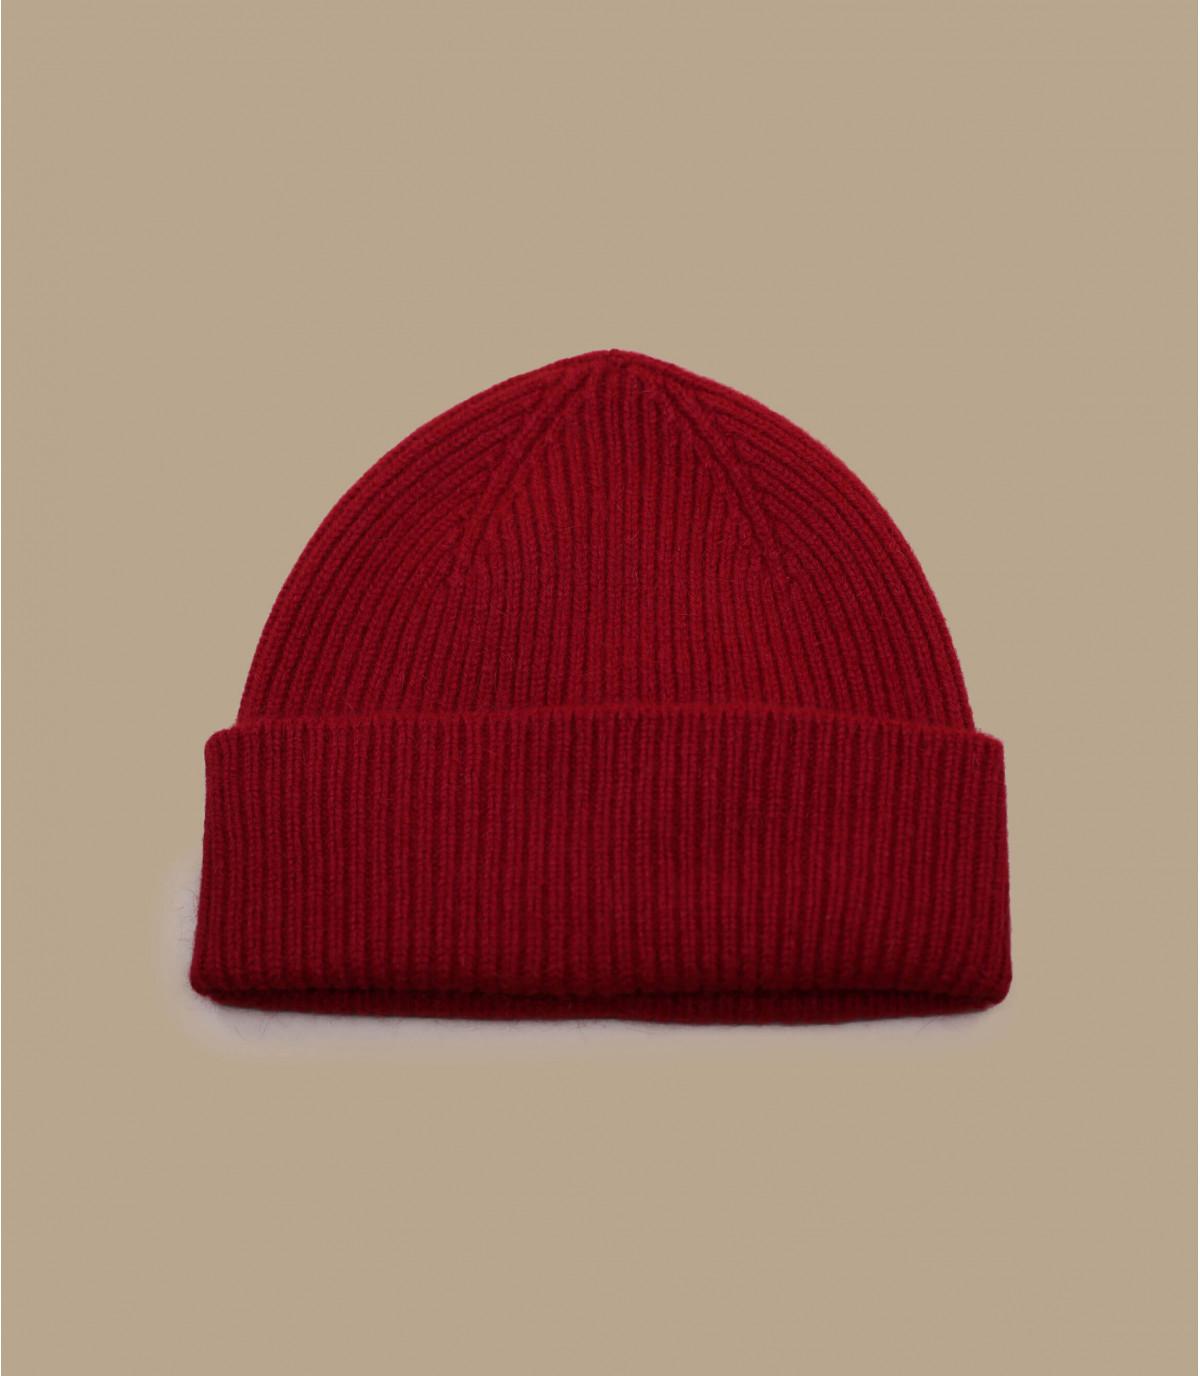 bonnet revers rouge laine angora